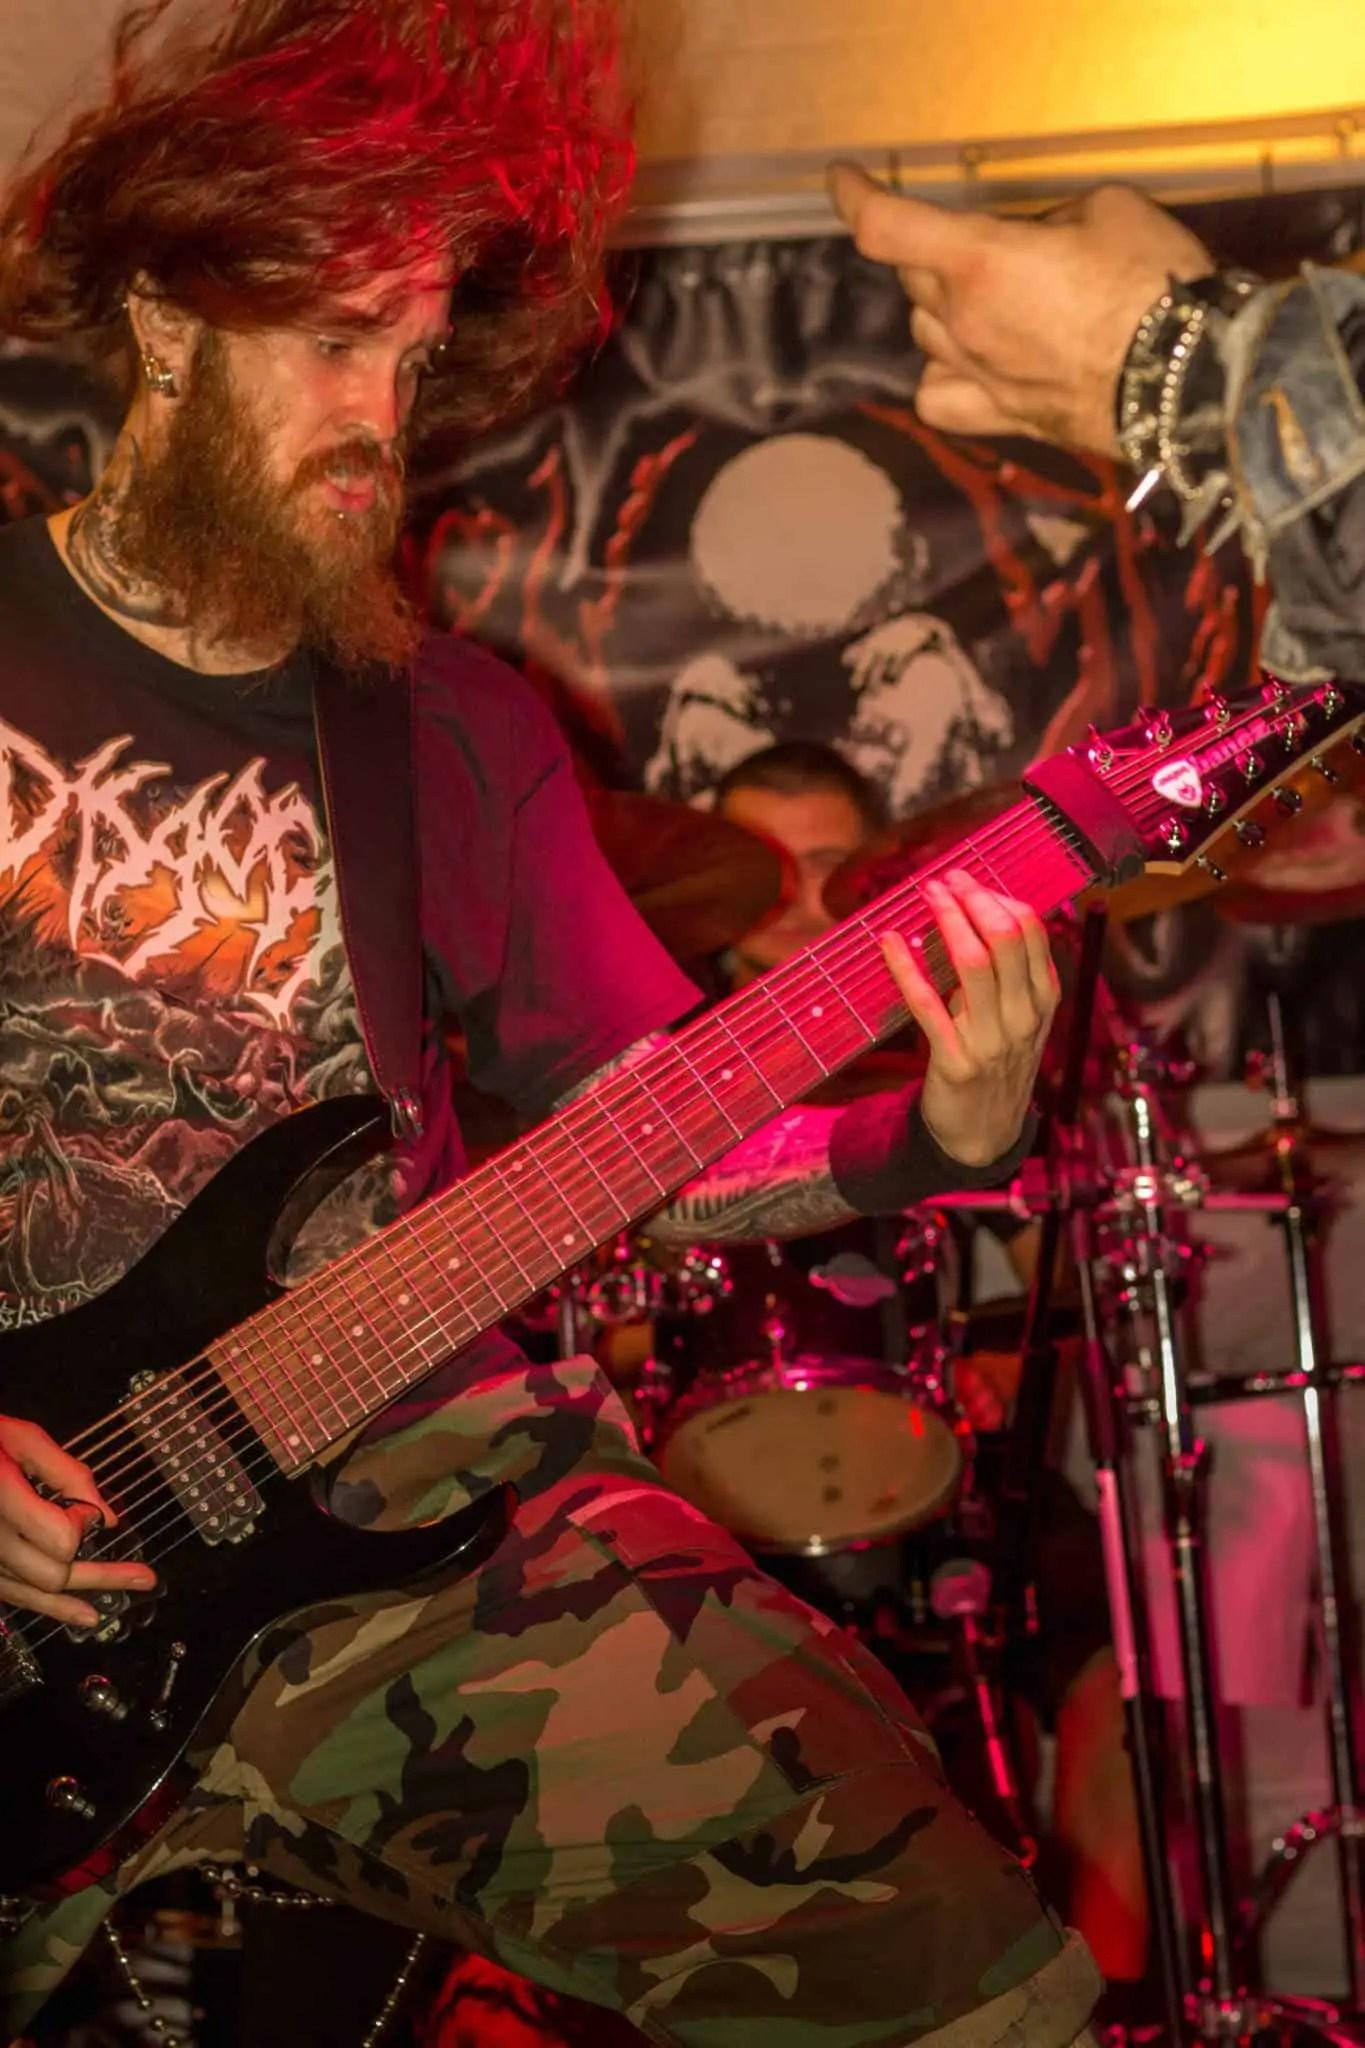 mainguitarr - Reportaż wydarzeń, koncerty